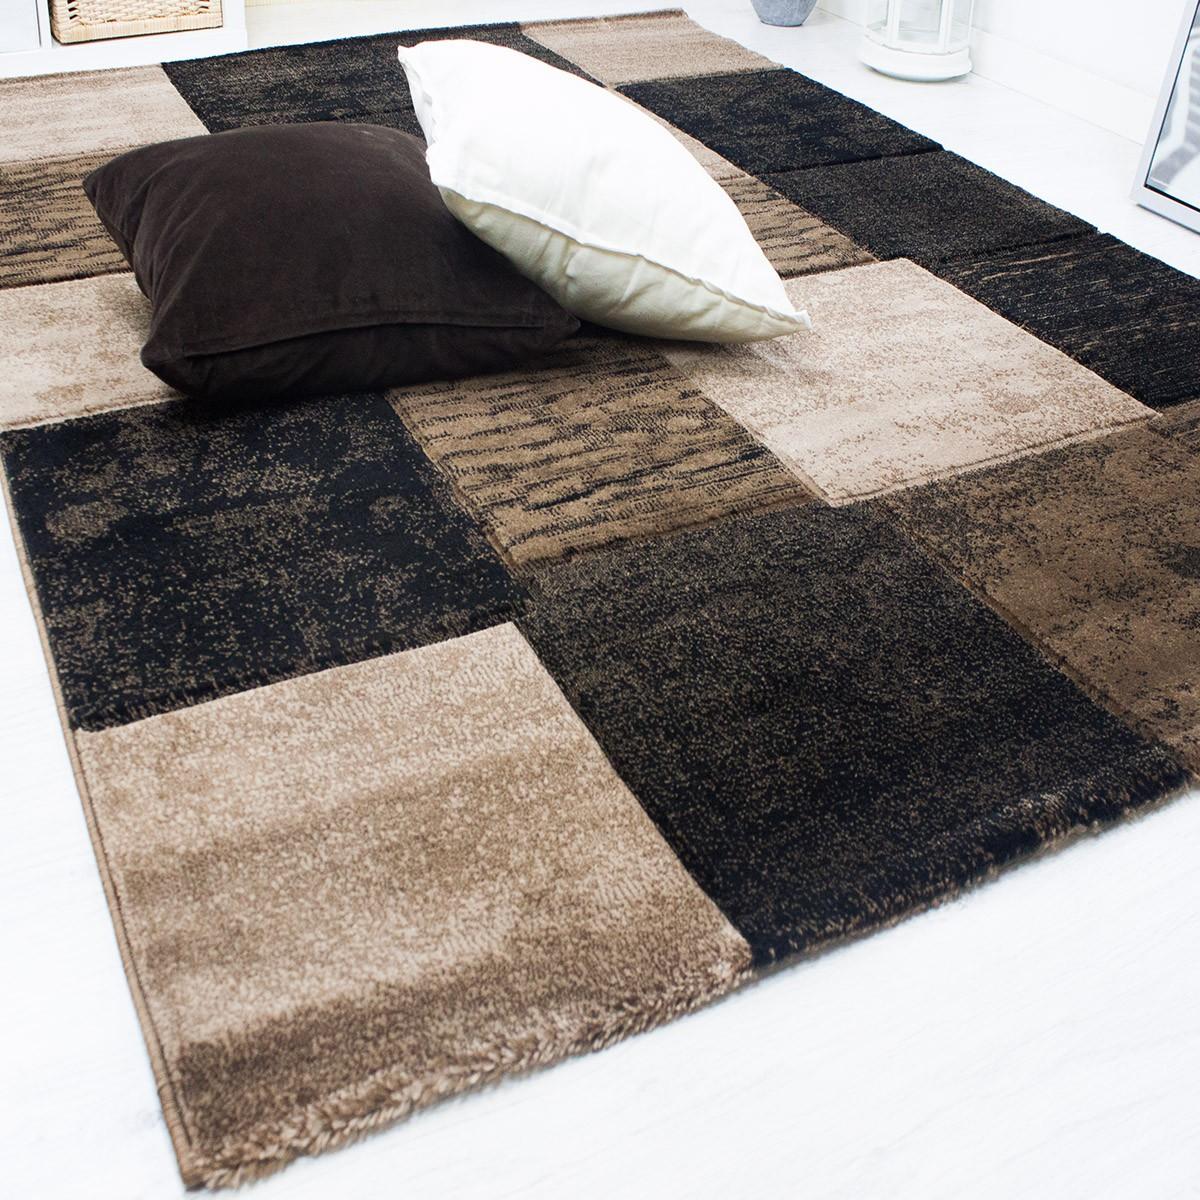 moderner heatset teppich kariert und meliert in braun dunkelbraun sehr dicht gewebt f1166